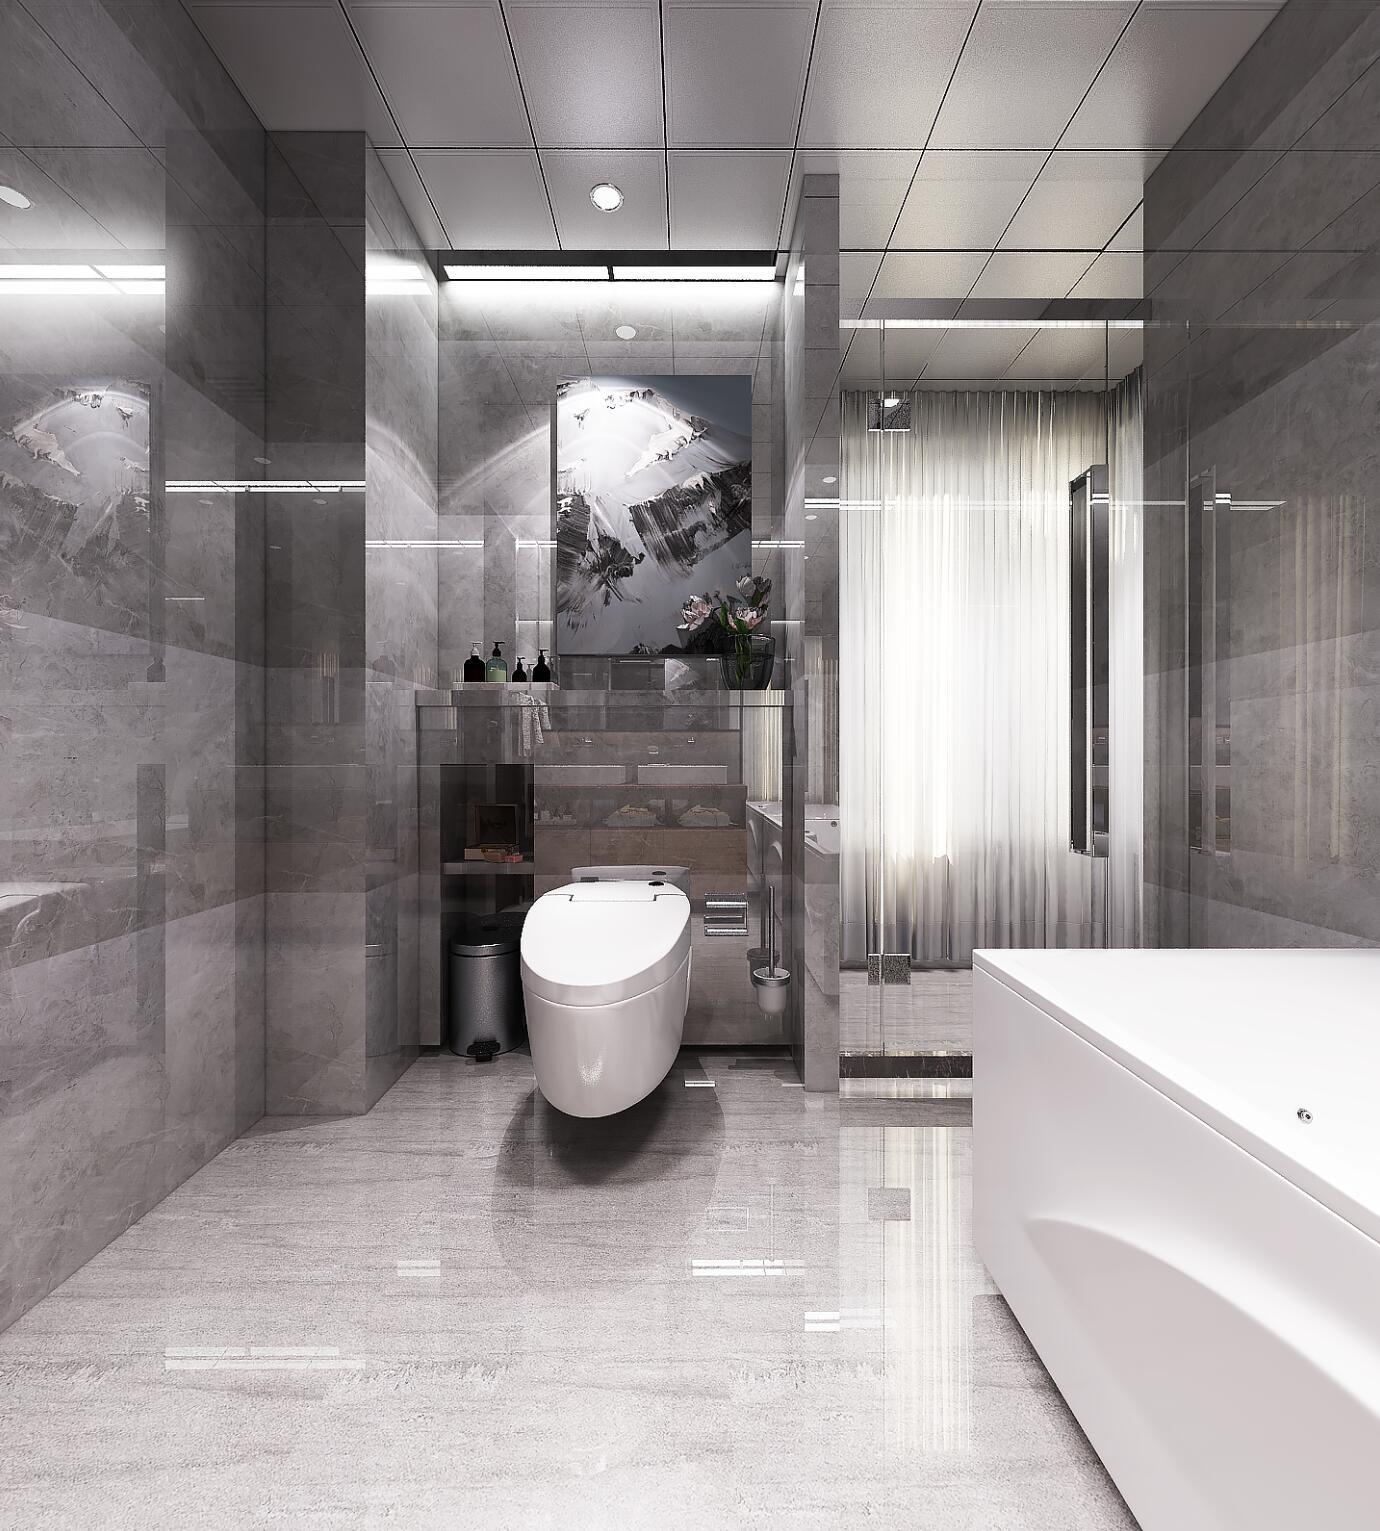 黑白灰调现代风格装修卫生间装潢图